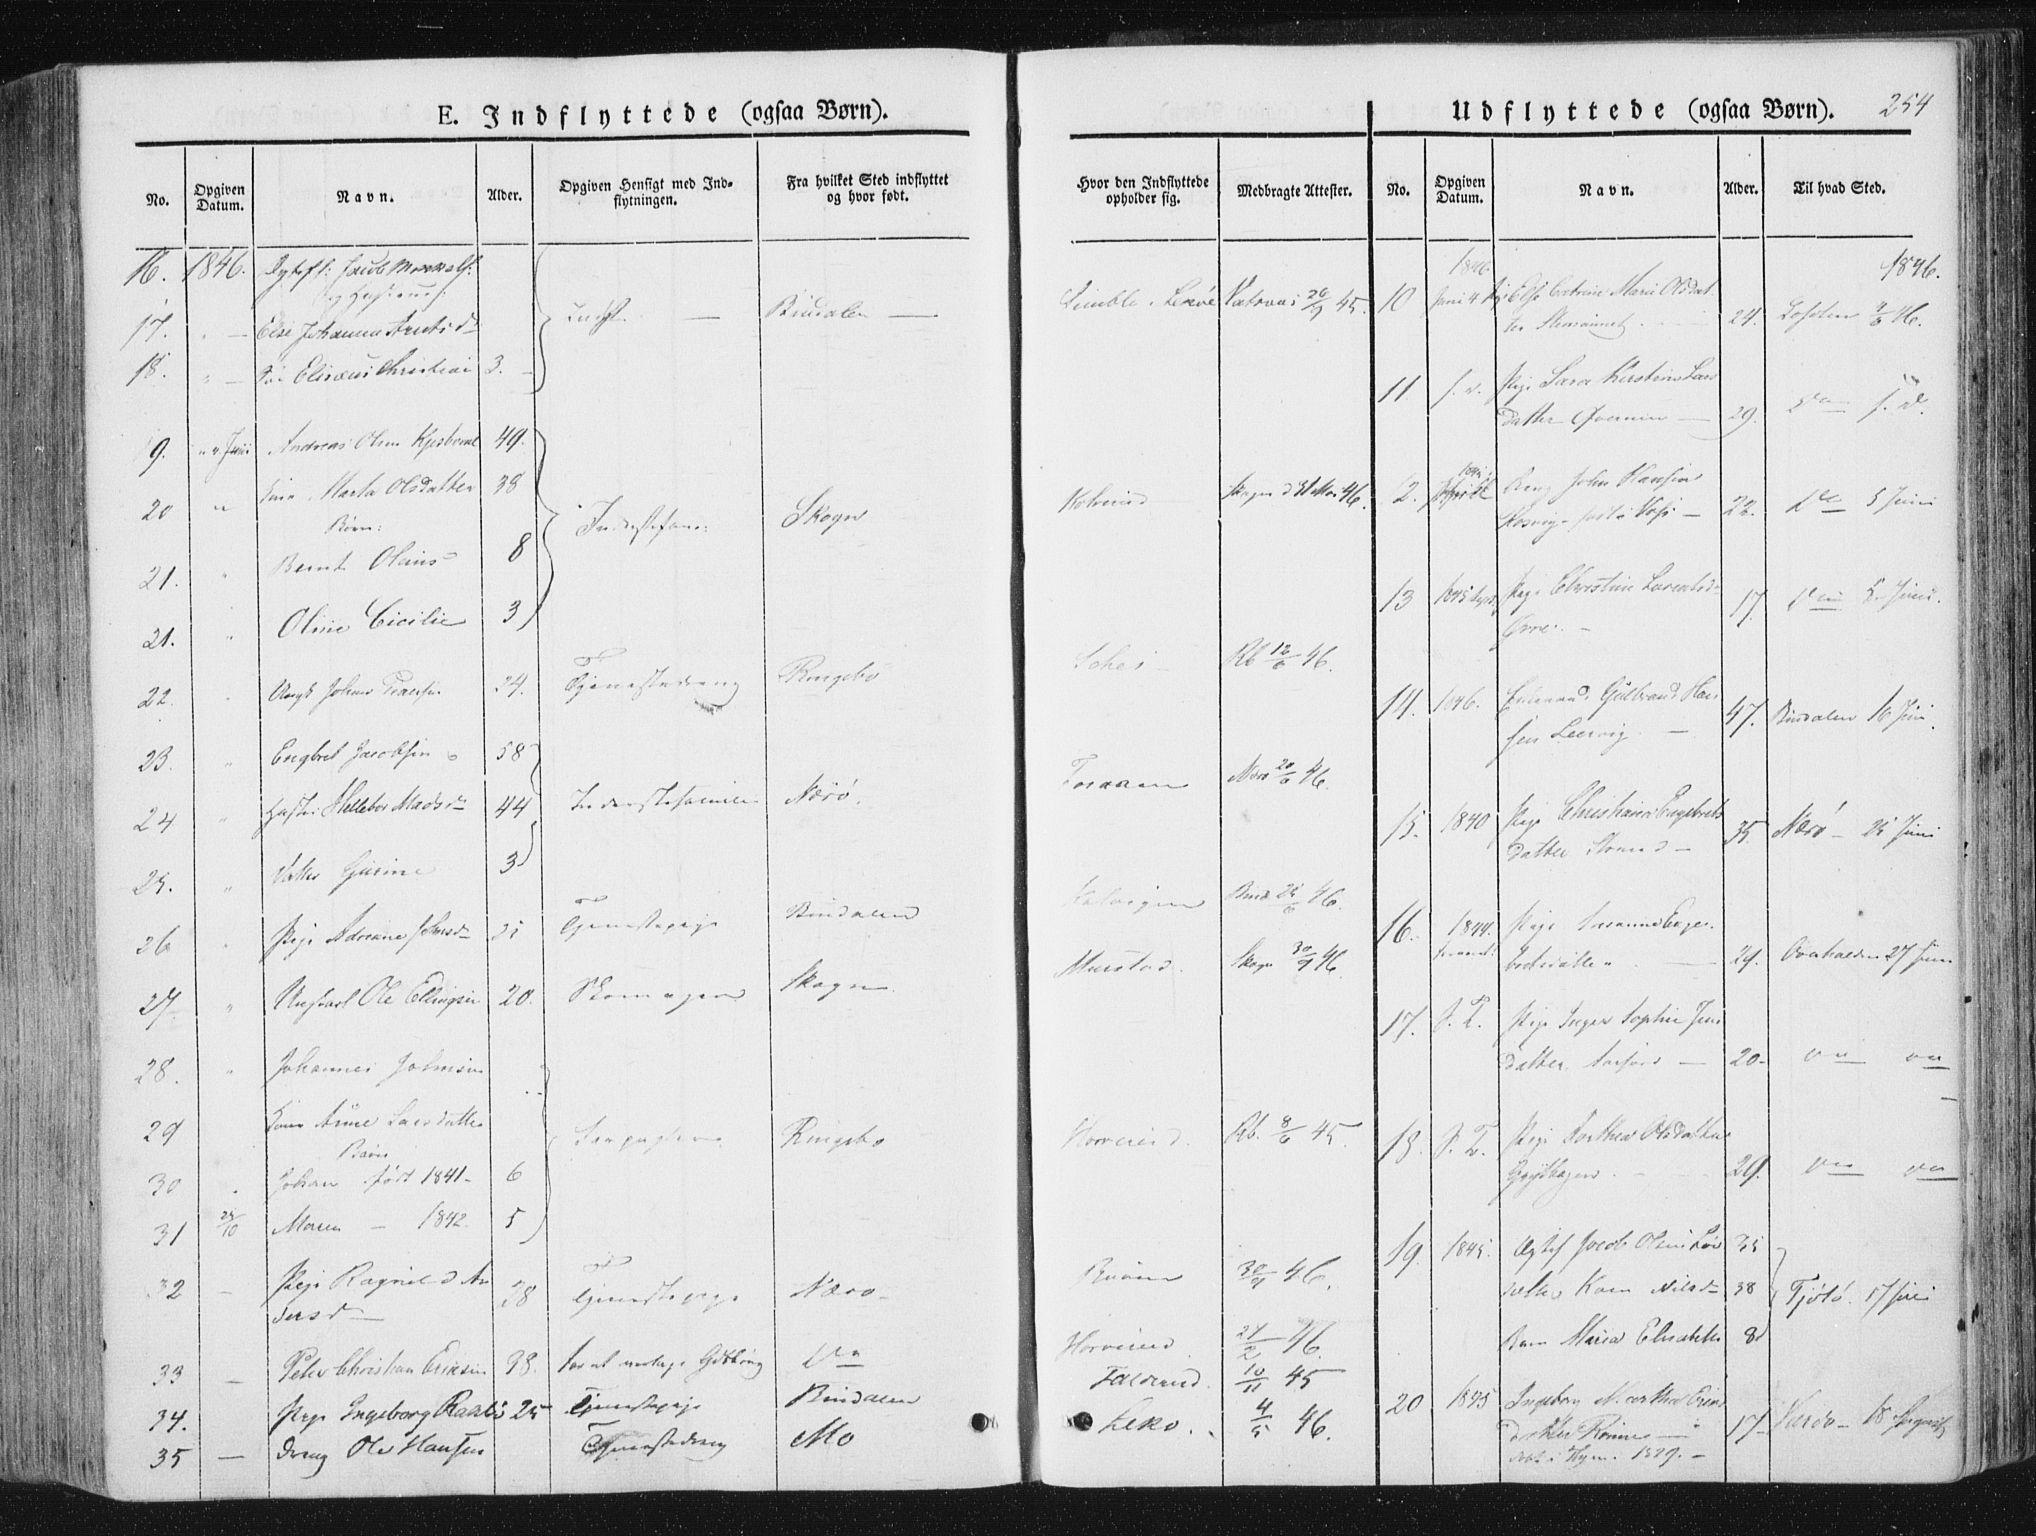 SAT, Ministerialprotokoller, klokkerbøker og fødselsregistre - Nord-Trøndelag, 780/L0640: Ministerialbok nr. 780A05, 1845-1856, s. 254